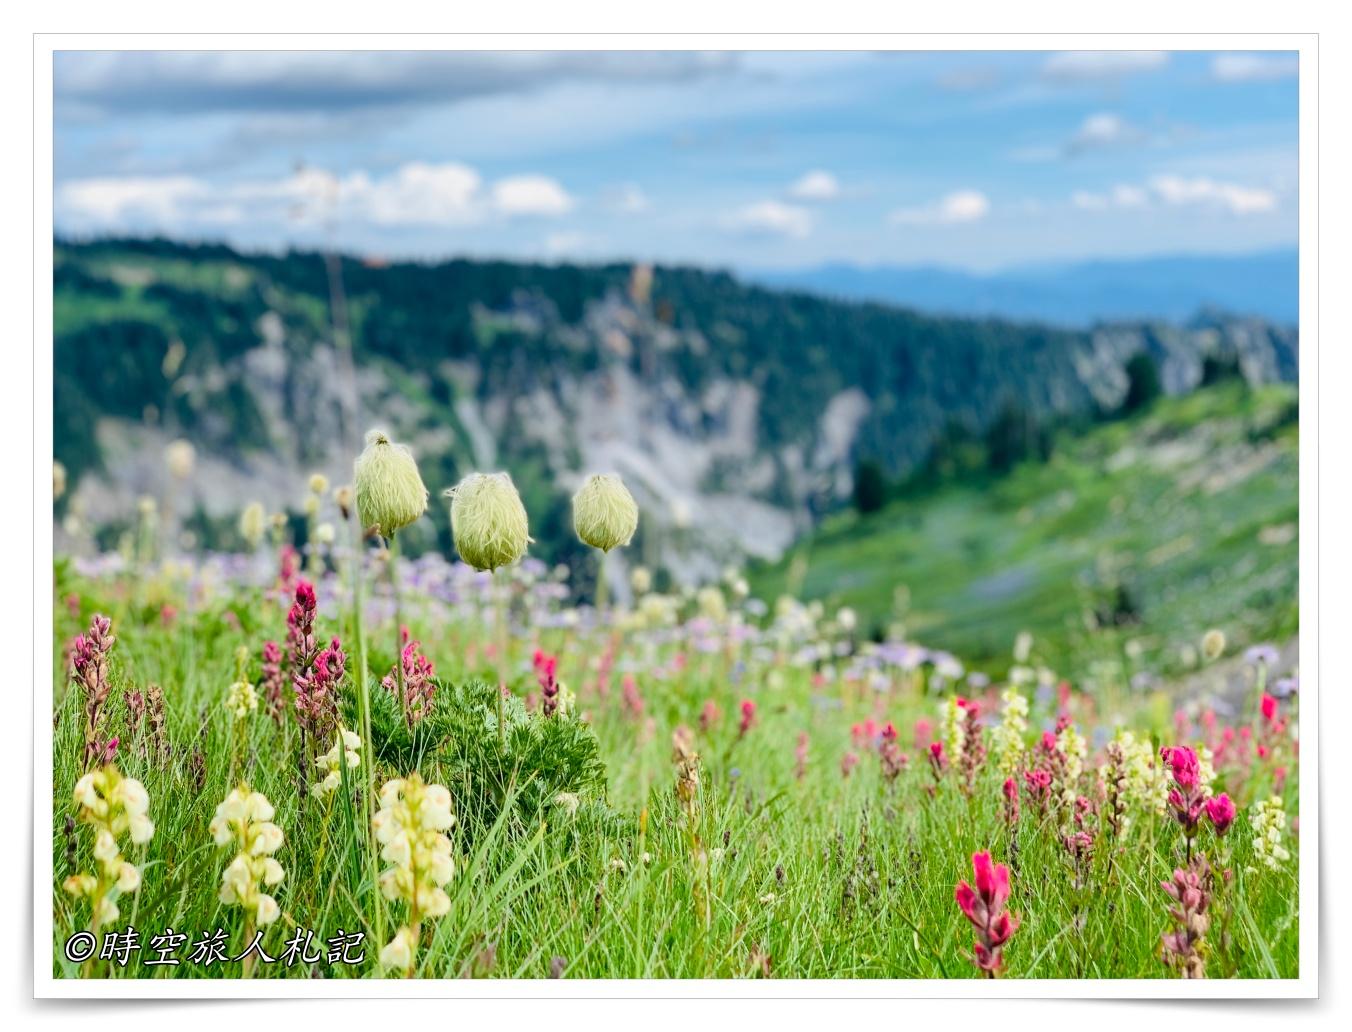 2019/08 西雅圖自駕行程: 西雅圖Seattle – 雷尼爾山國家公園Mt Rainier National Park – 奧林匹克國家公園 Olympic National Park